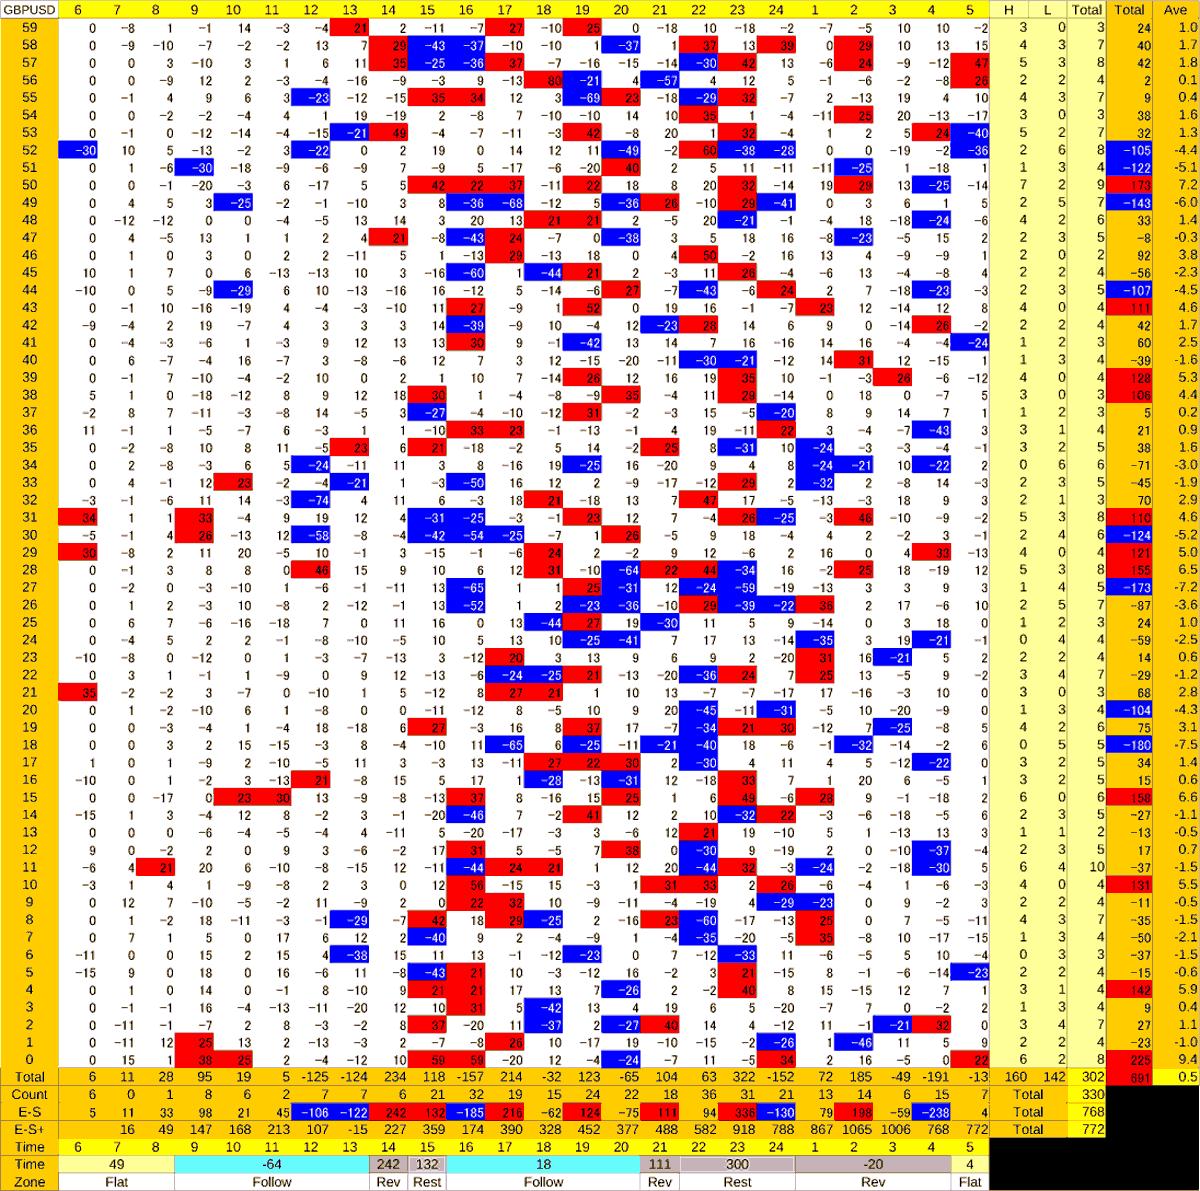 20200721_HS(2)GBPUSD